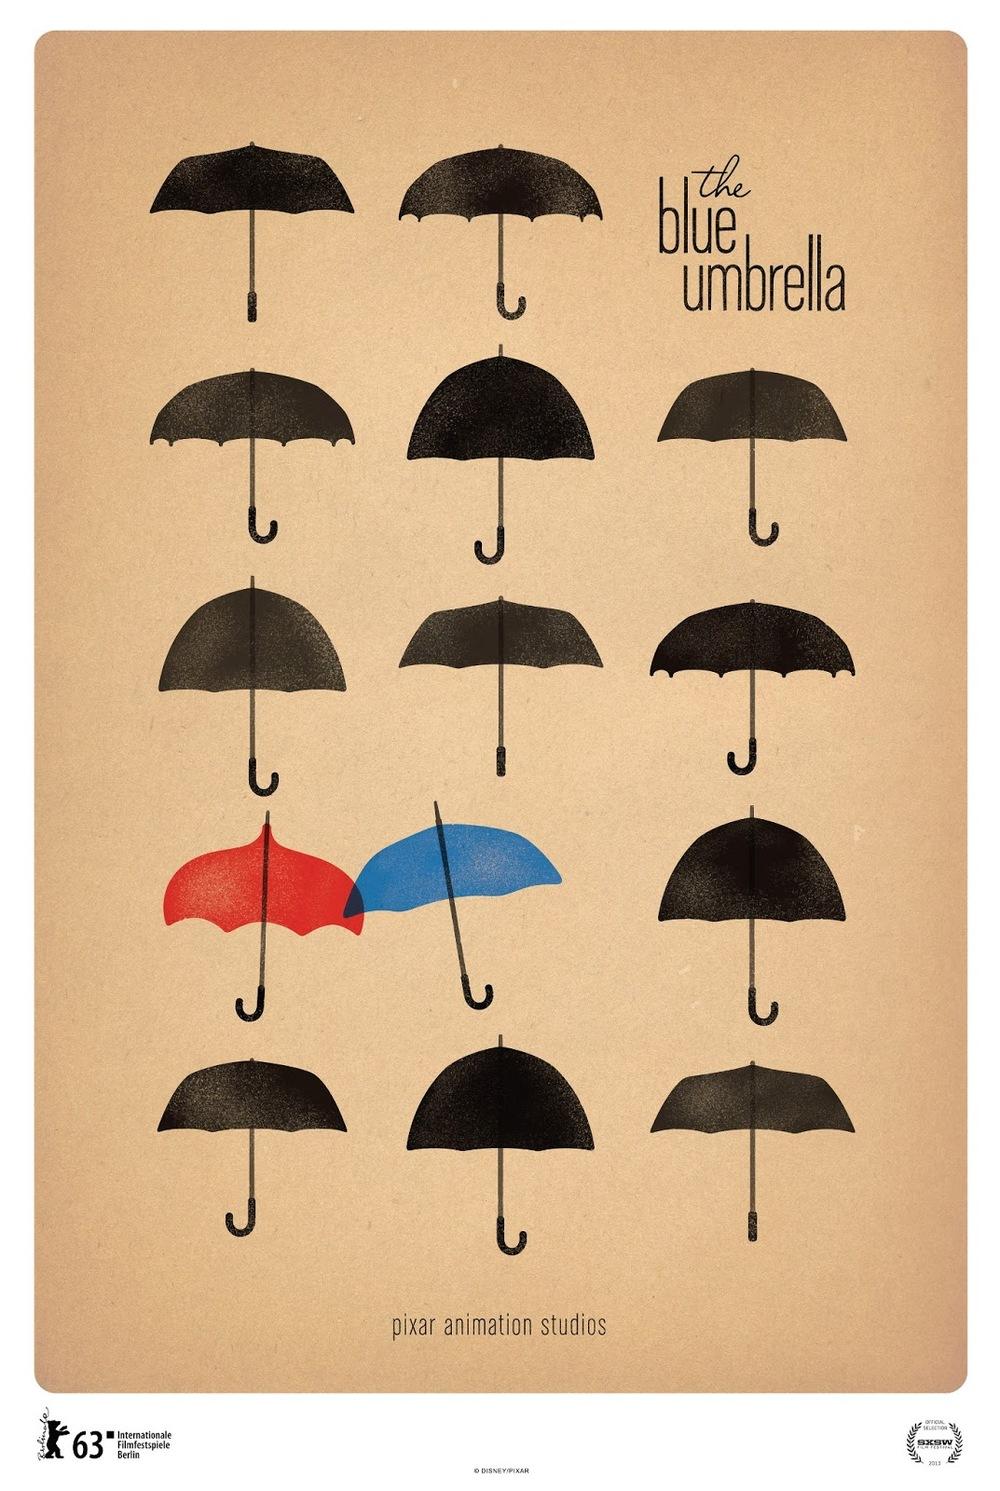 Rct332_blue_umbrella_poster.jpg